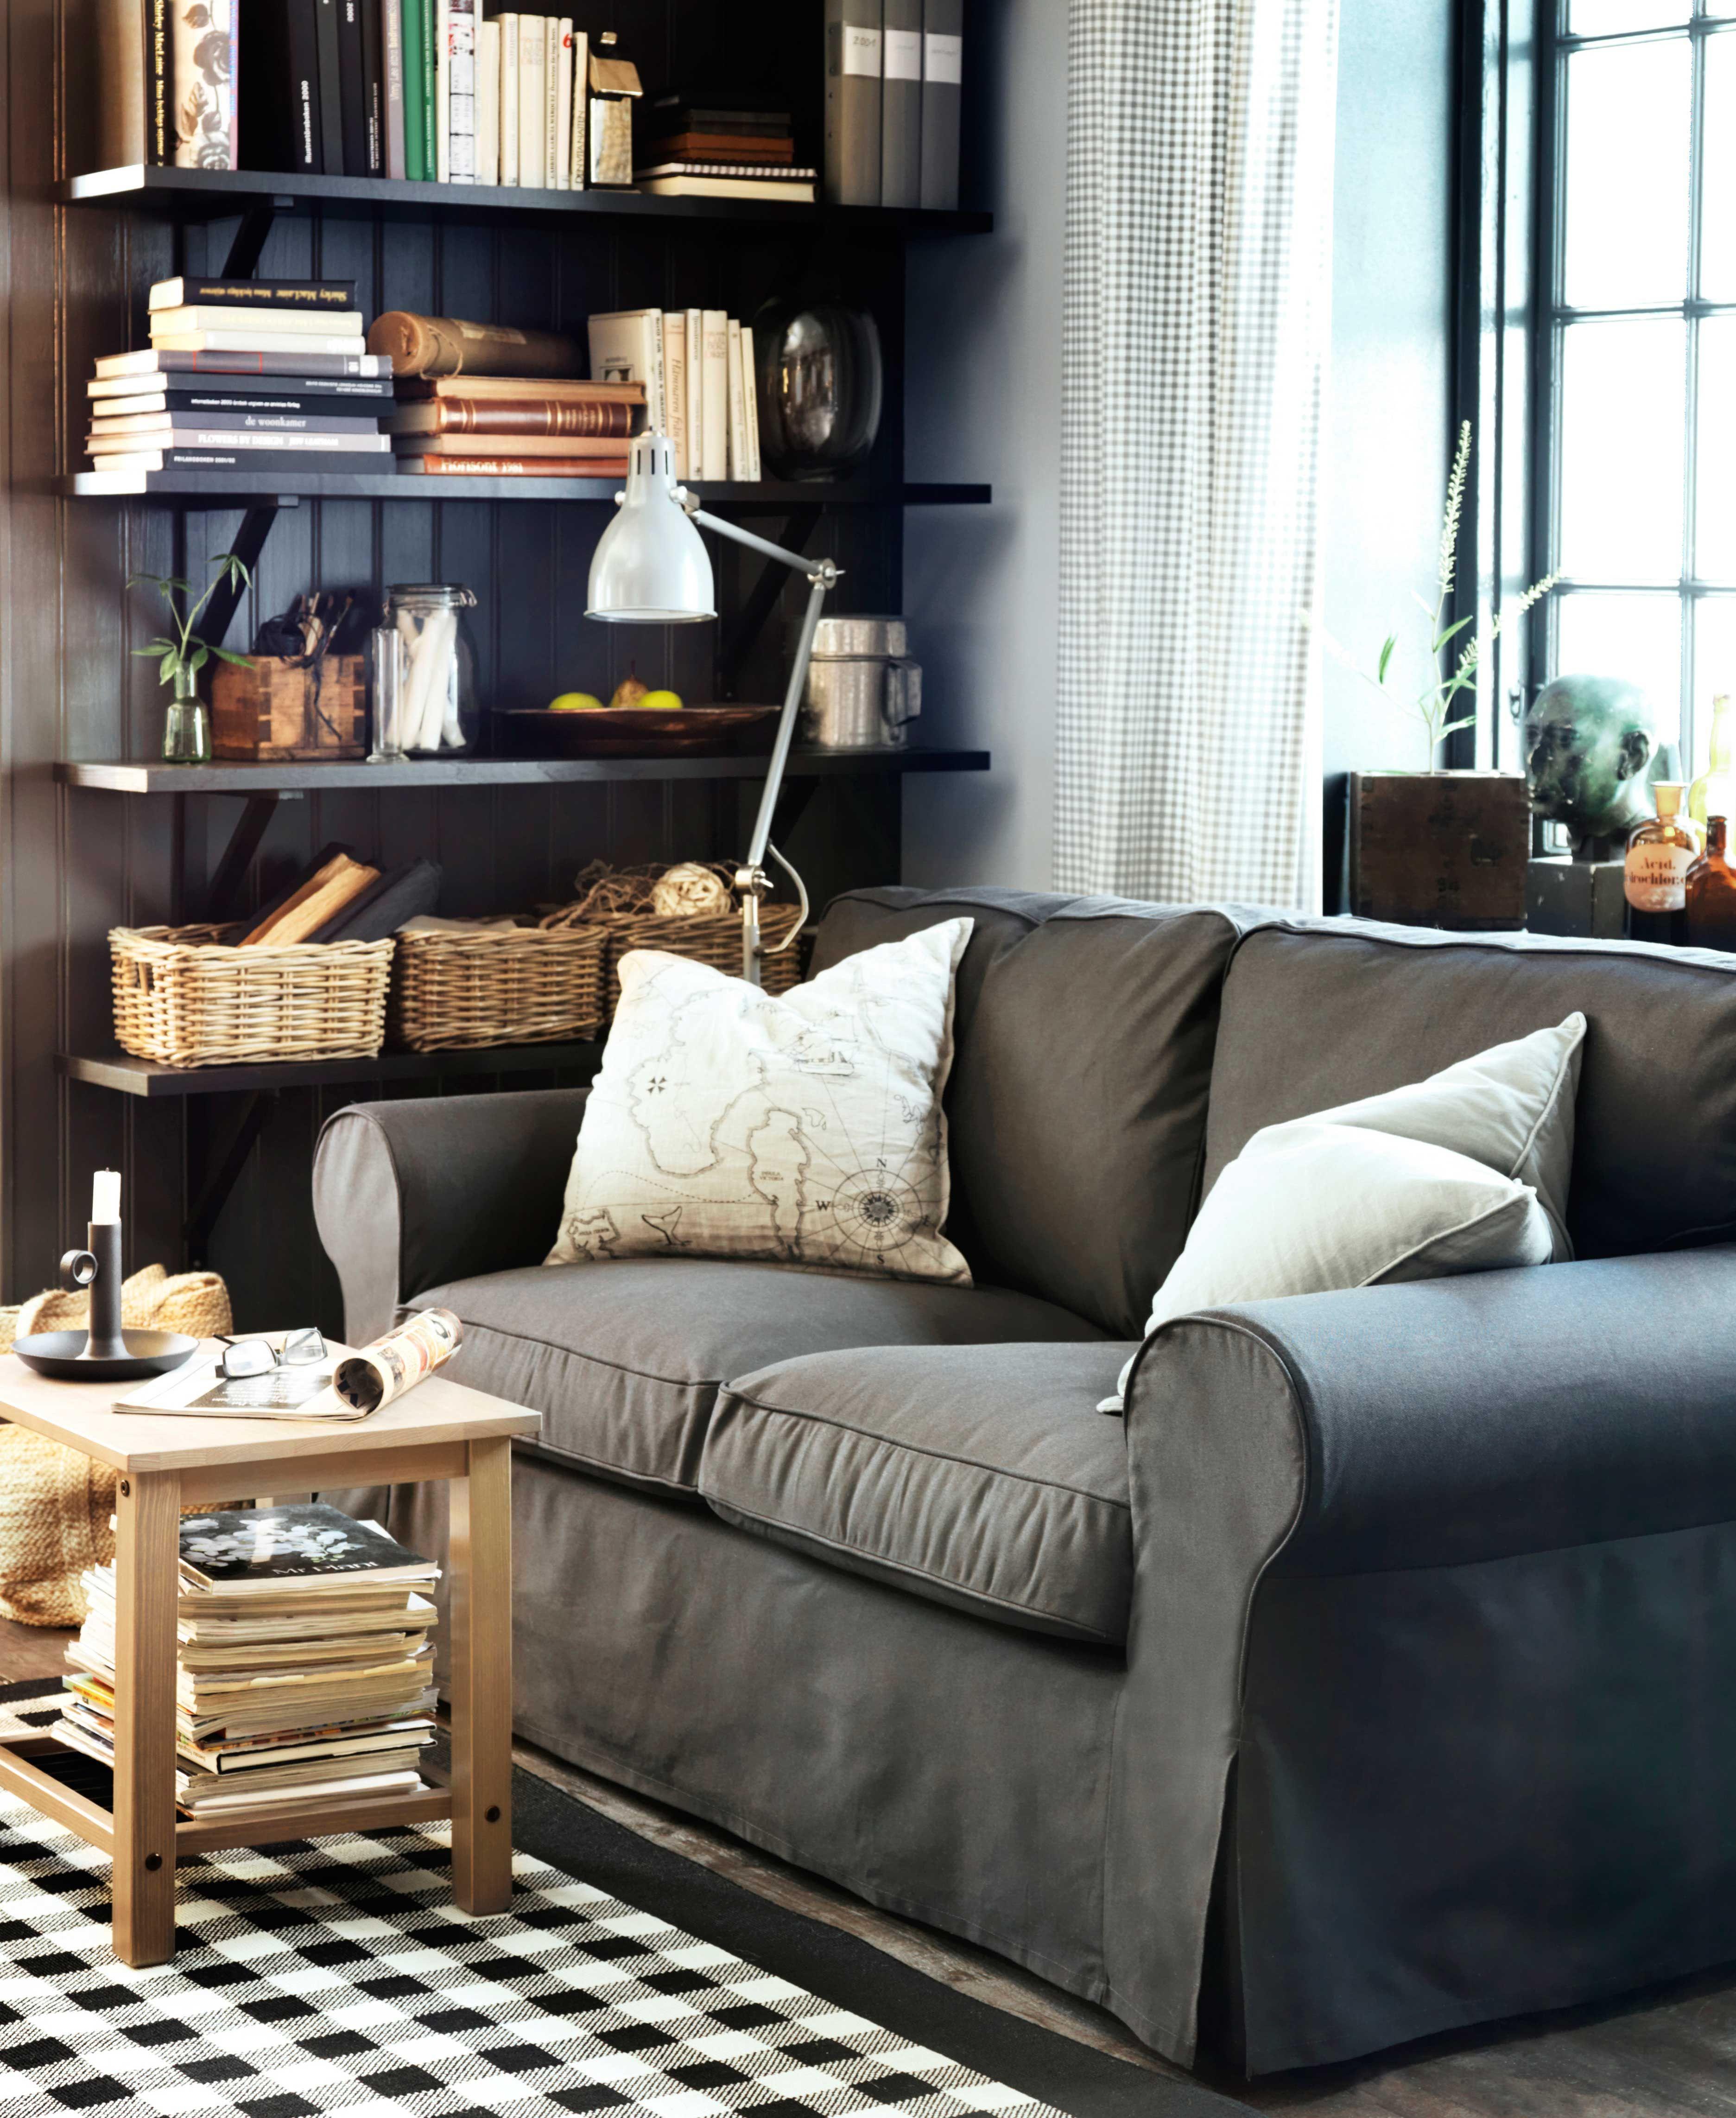 Ikea H Ngeschrank Gebraucht Archives Wohnzimmermobel Ideen